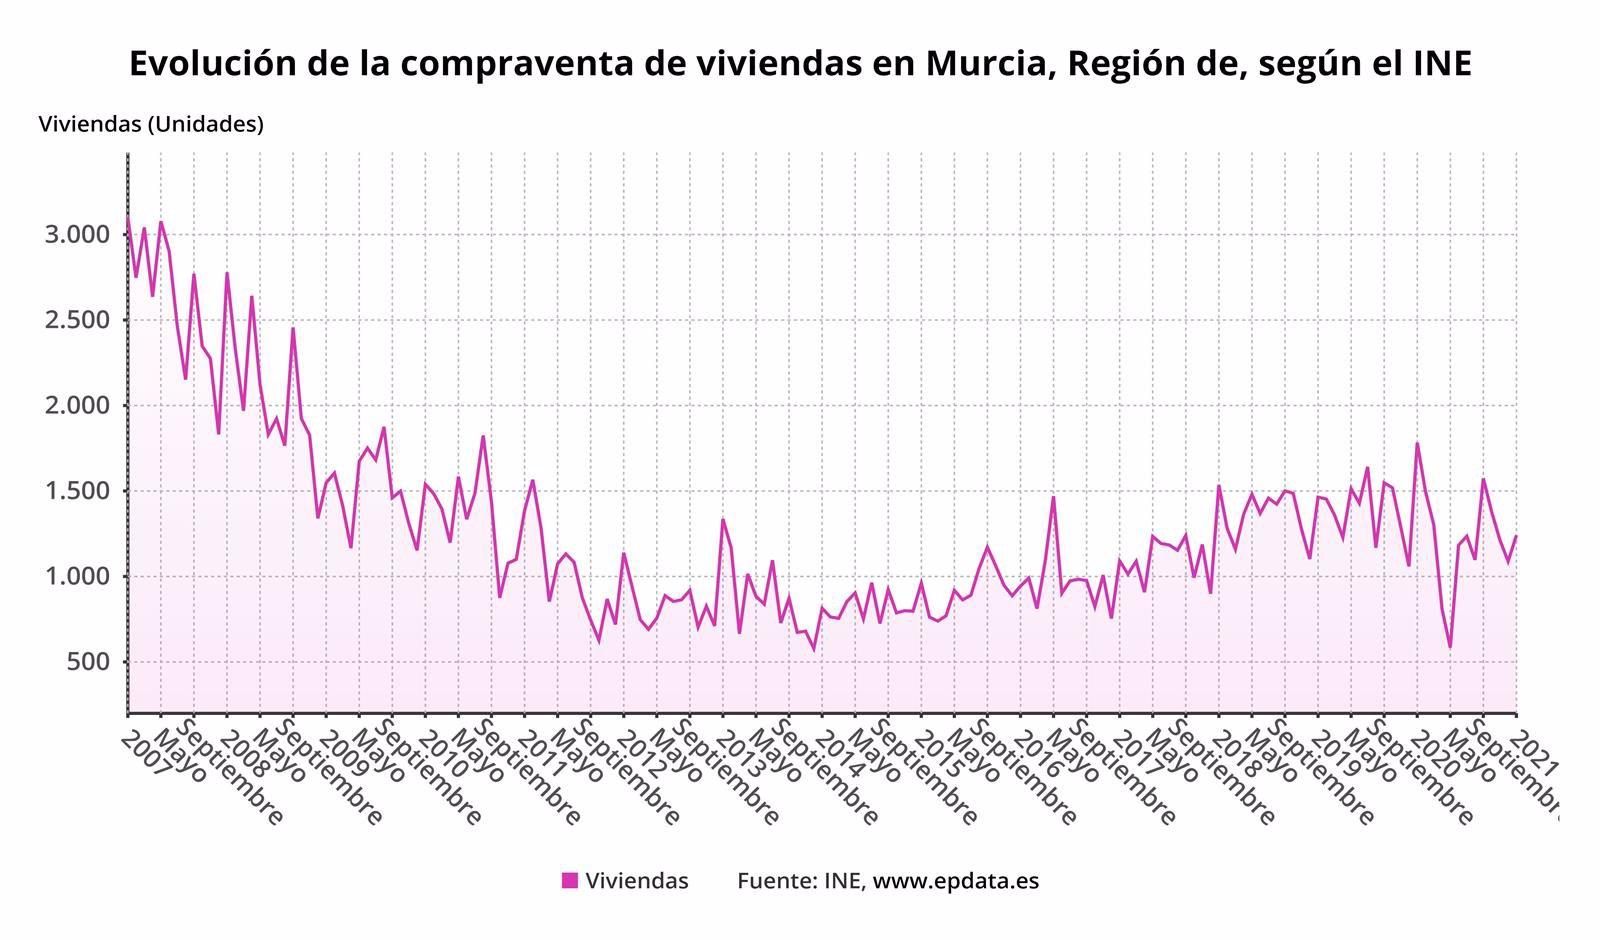 la compraventa de viviendas en la region cae un 01 en febrero respecto al mismo mes del ano anterior